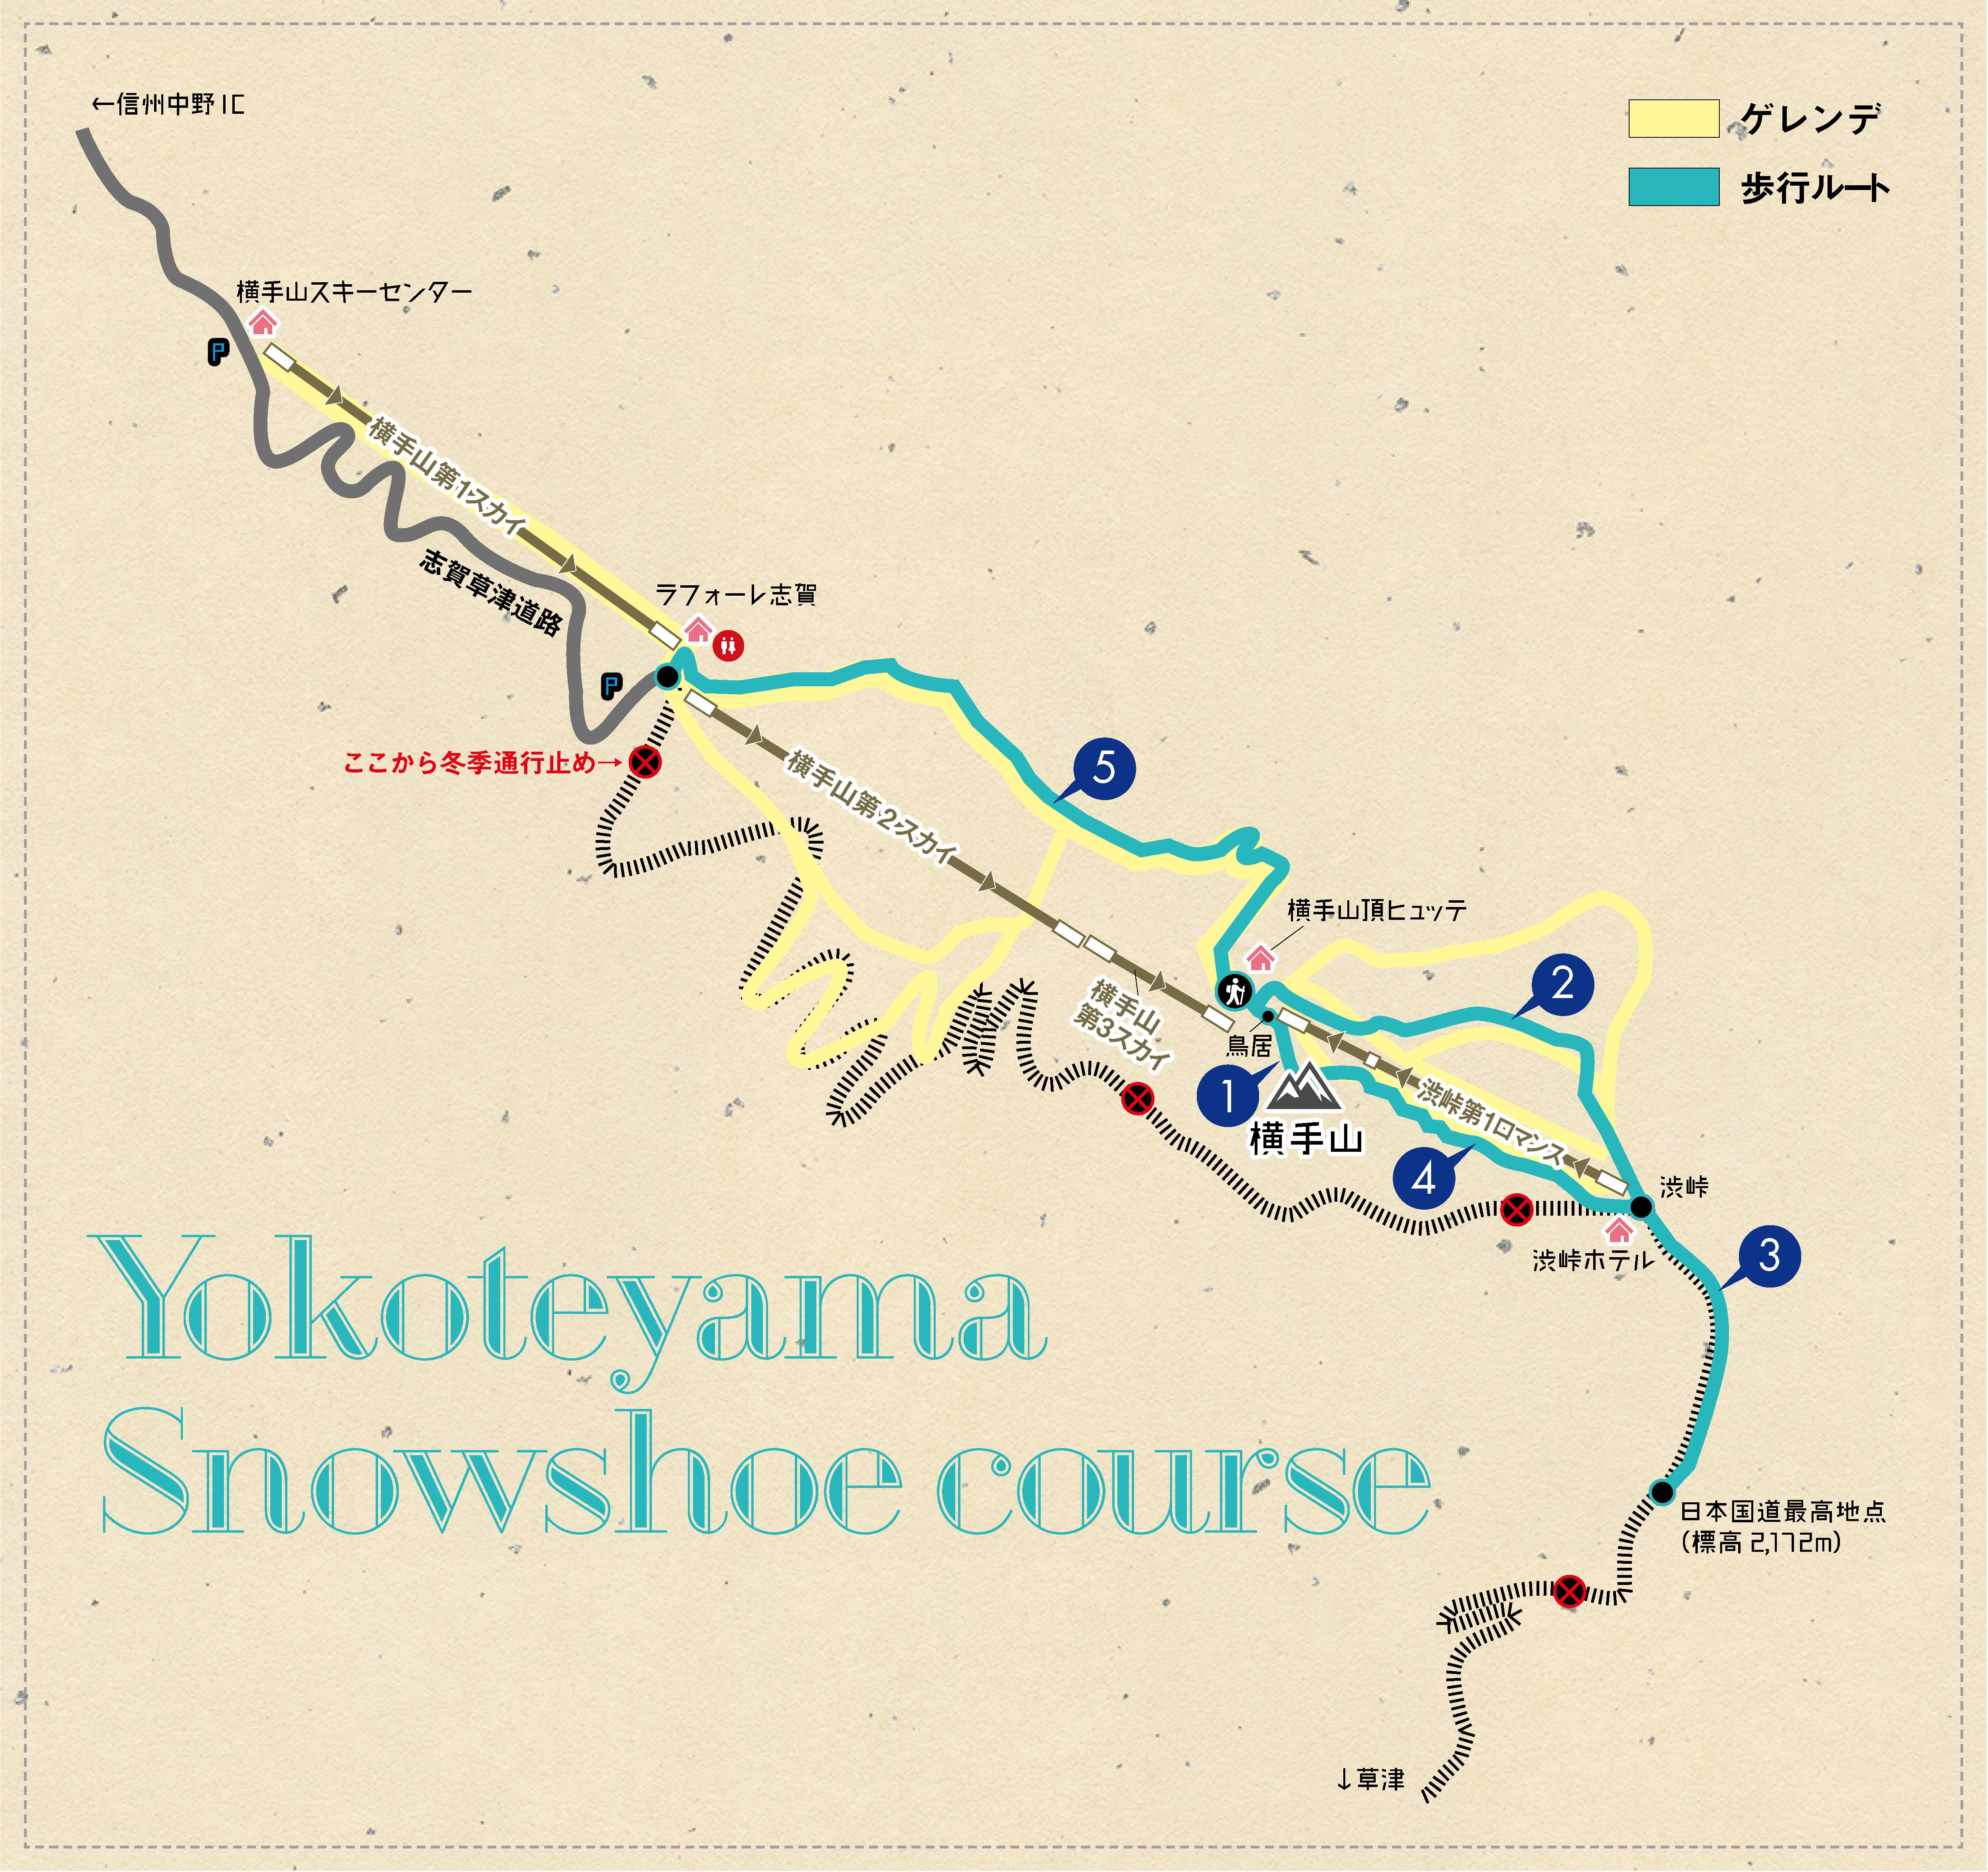 横手山マップ